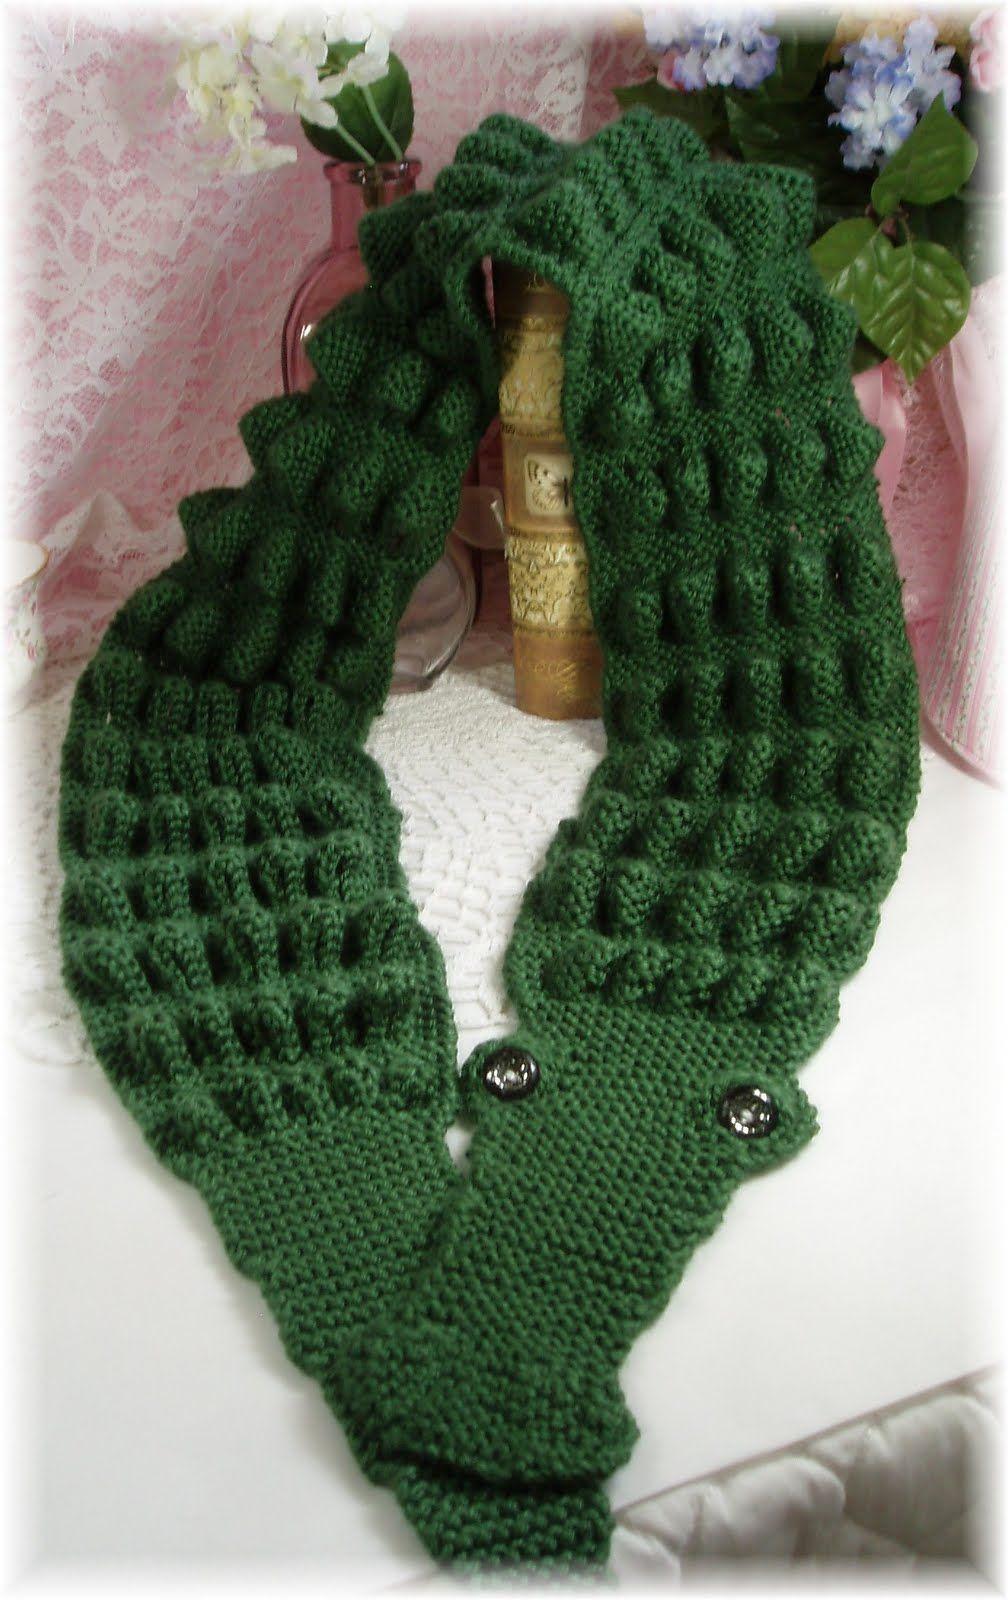 Freecrocodilestitchscarfpattern Alligator Scarf Knitting Fun